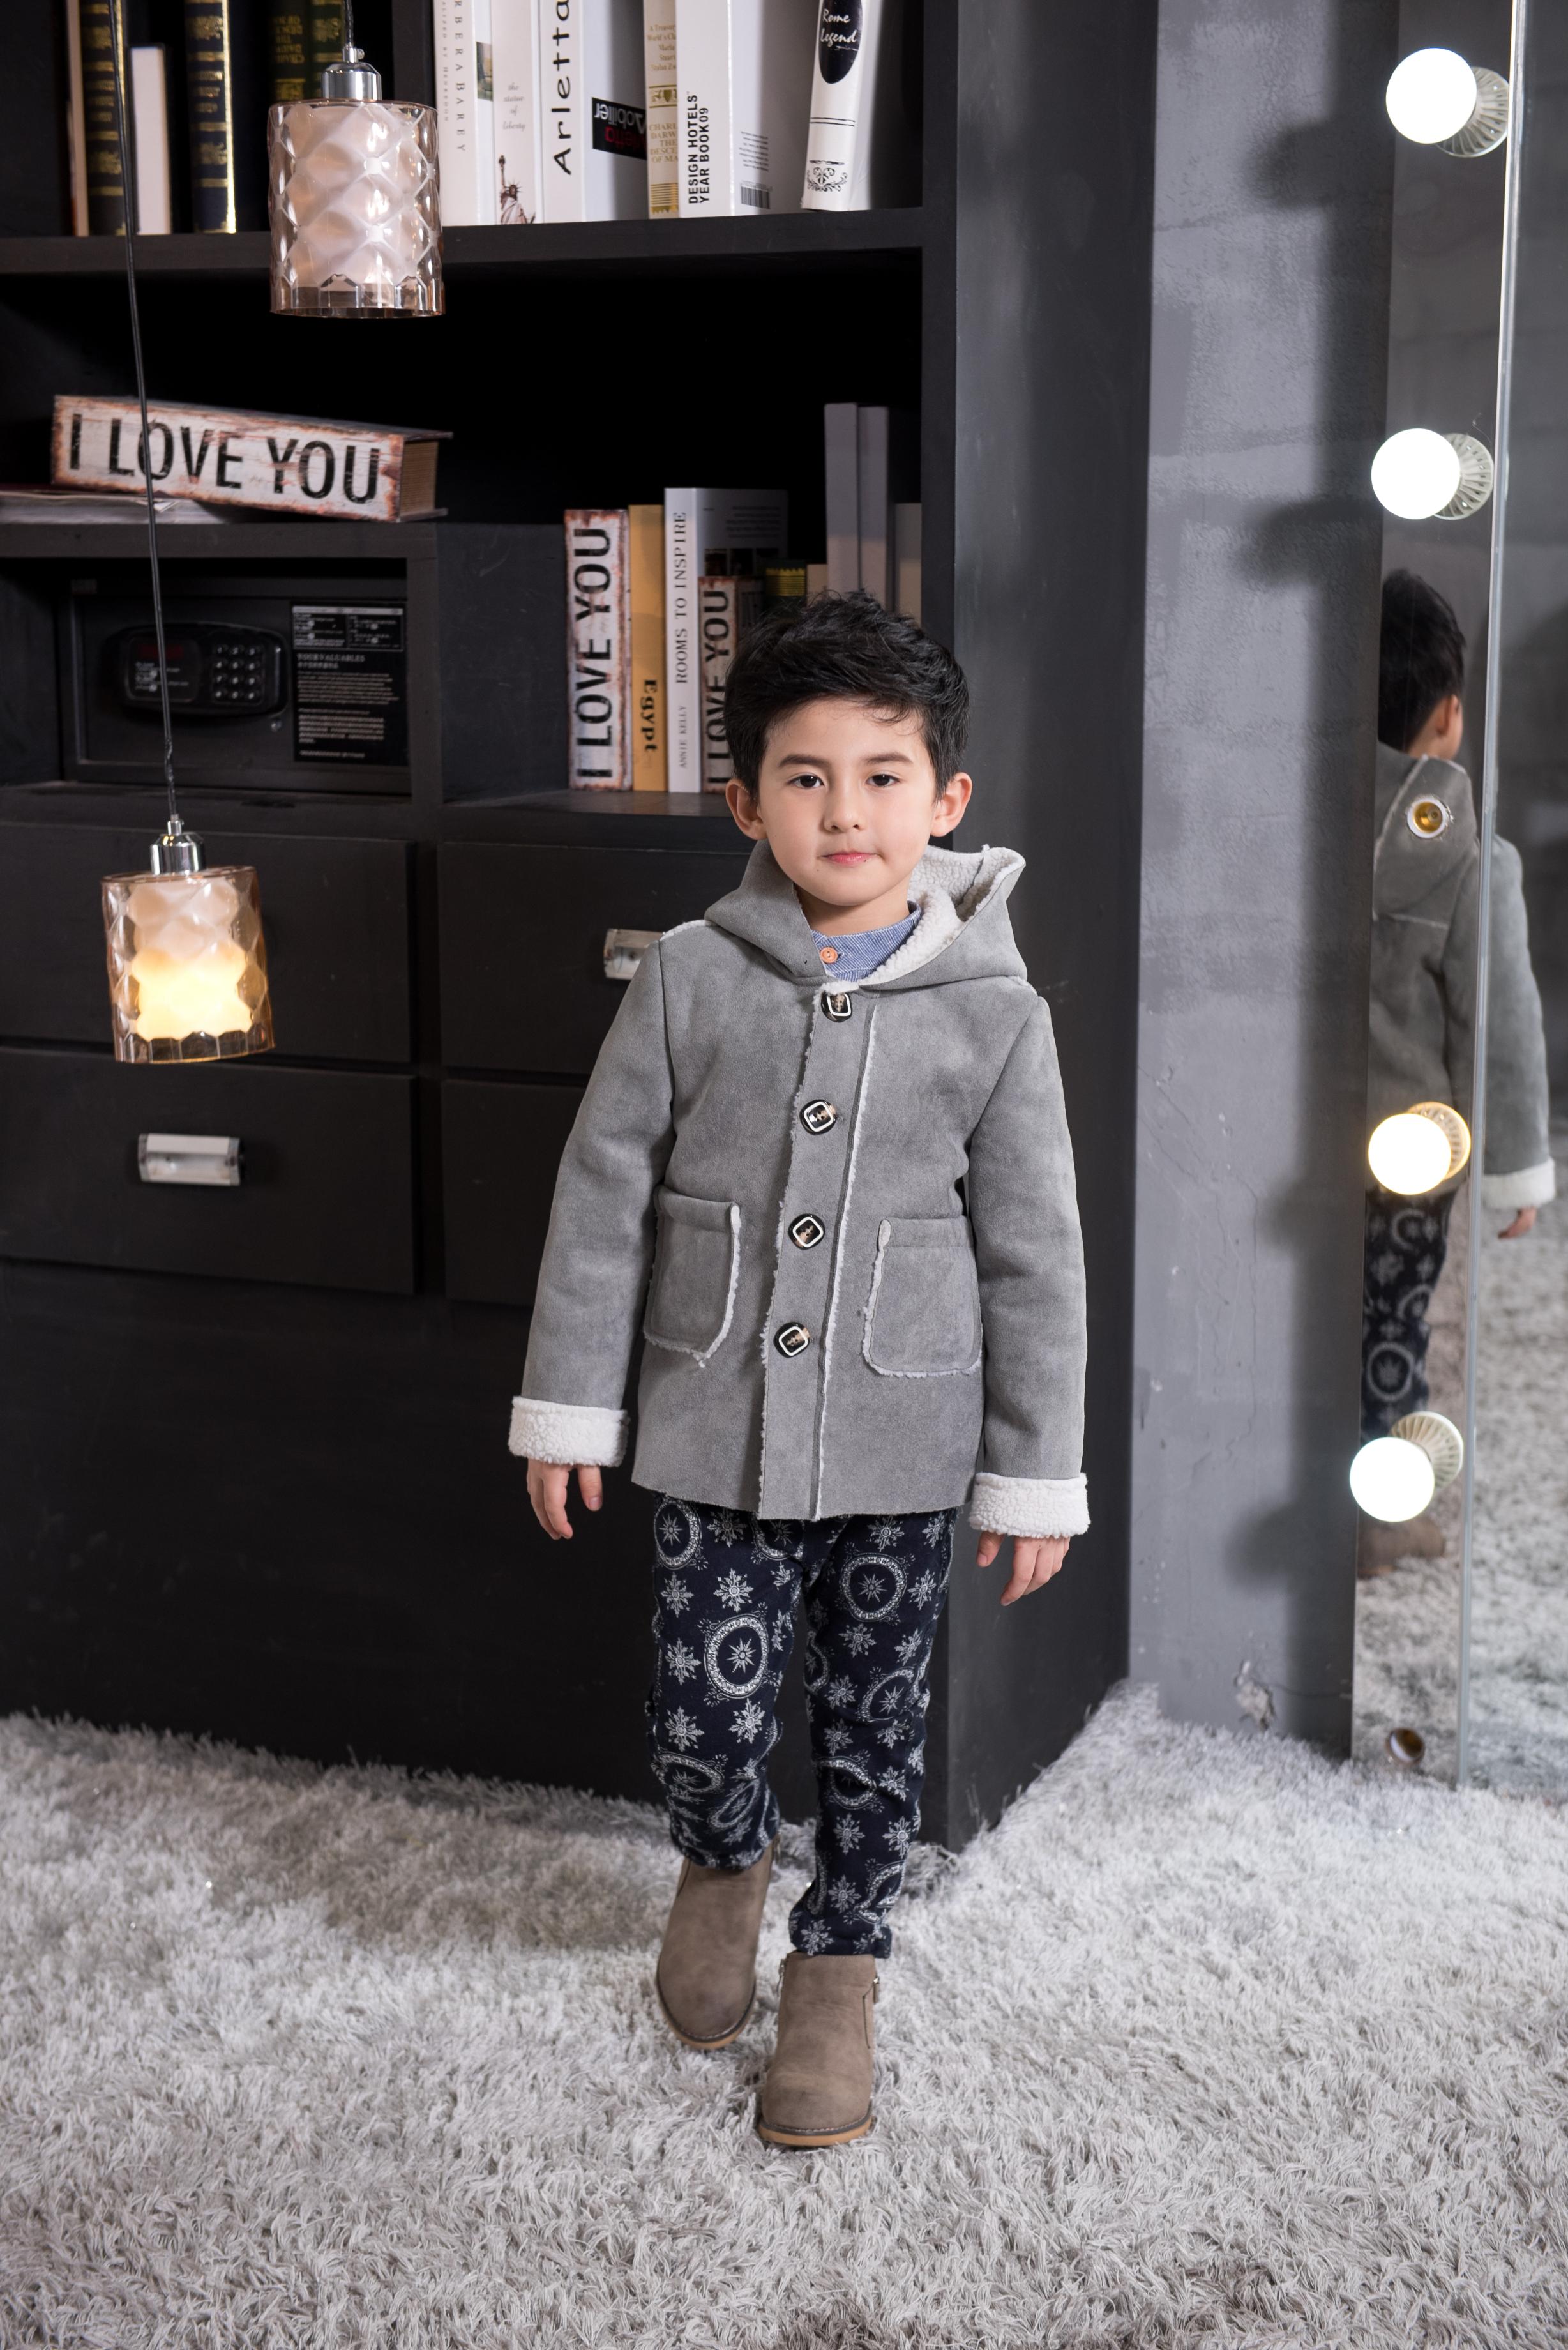 广州童装梭织类定制加工 厂家直销呢大衣外套 广州梭织类童装定制厂家